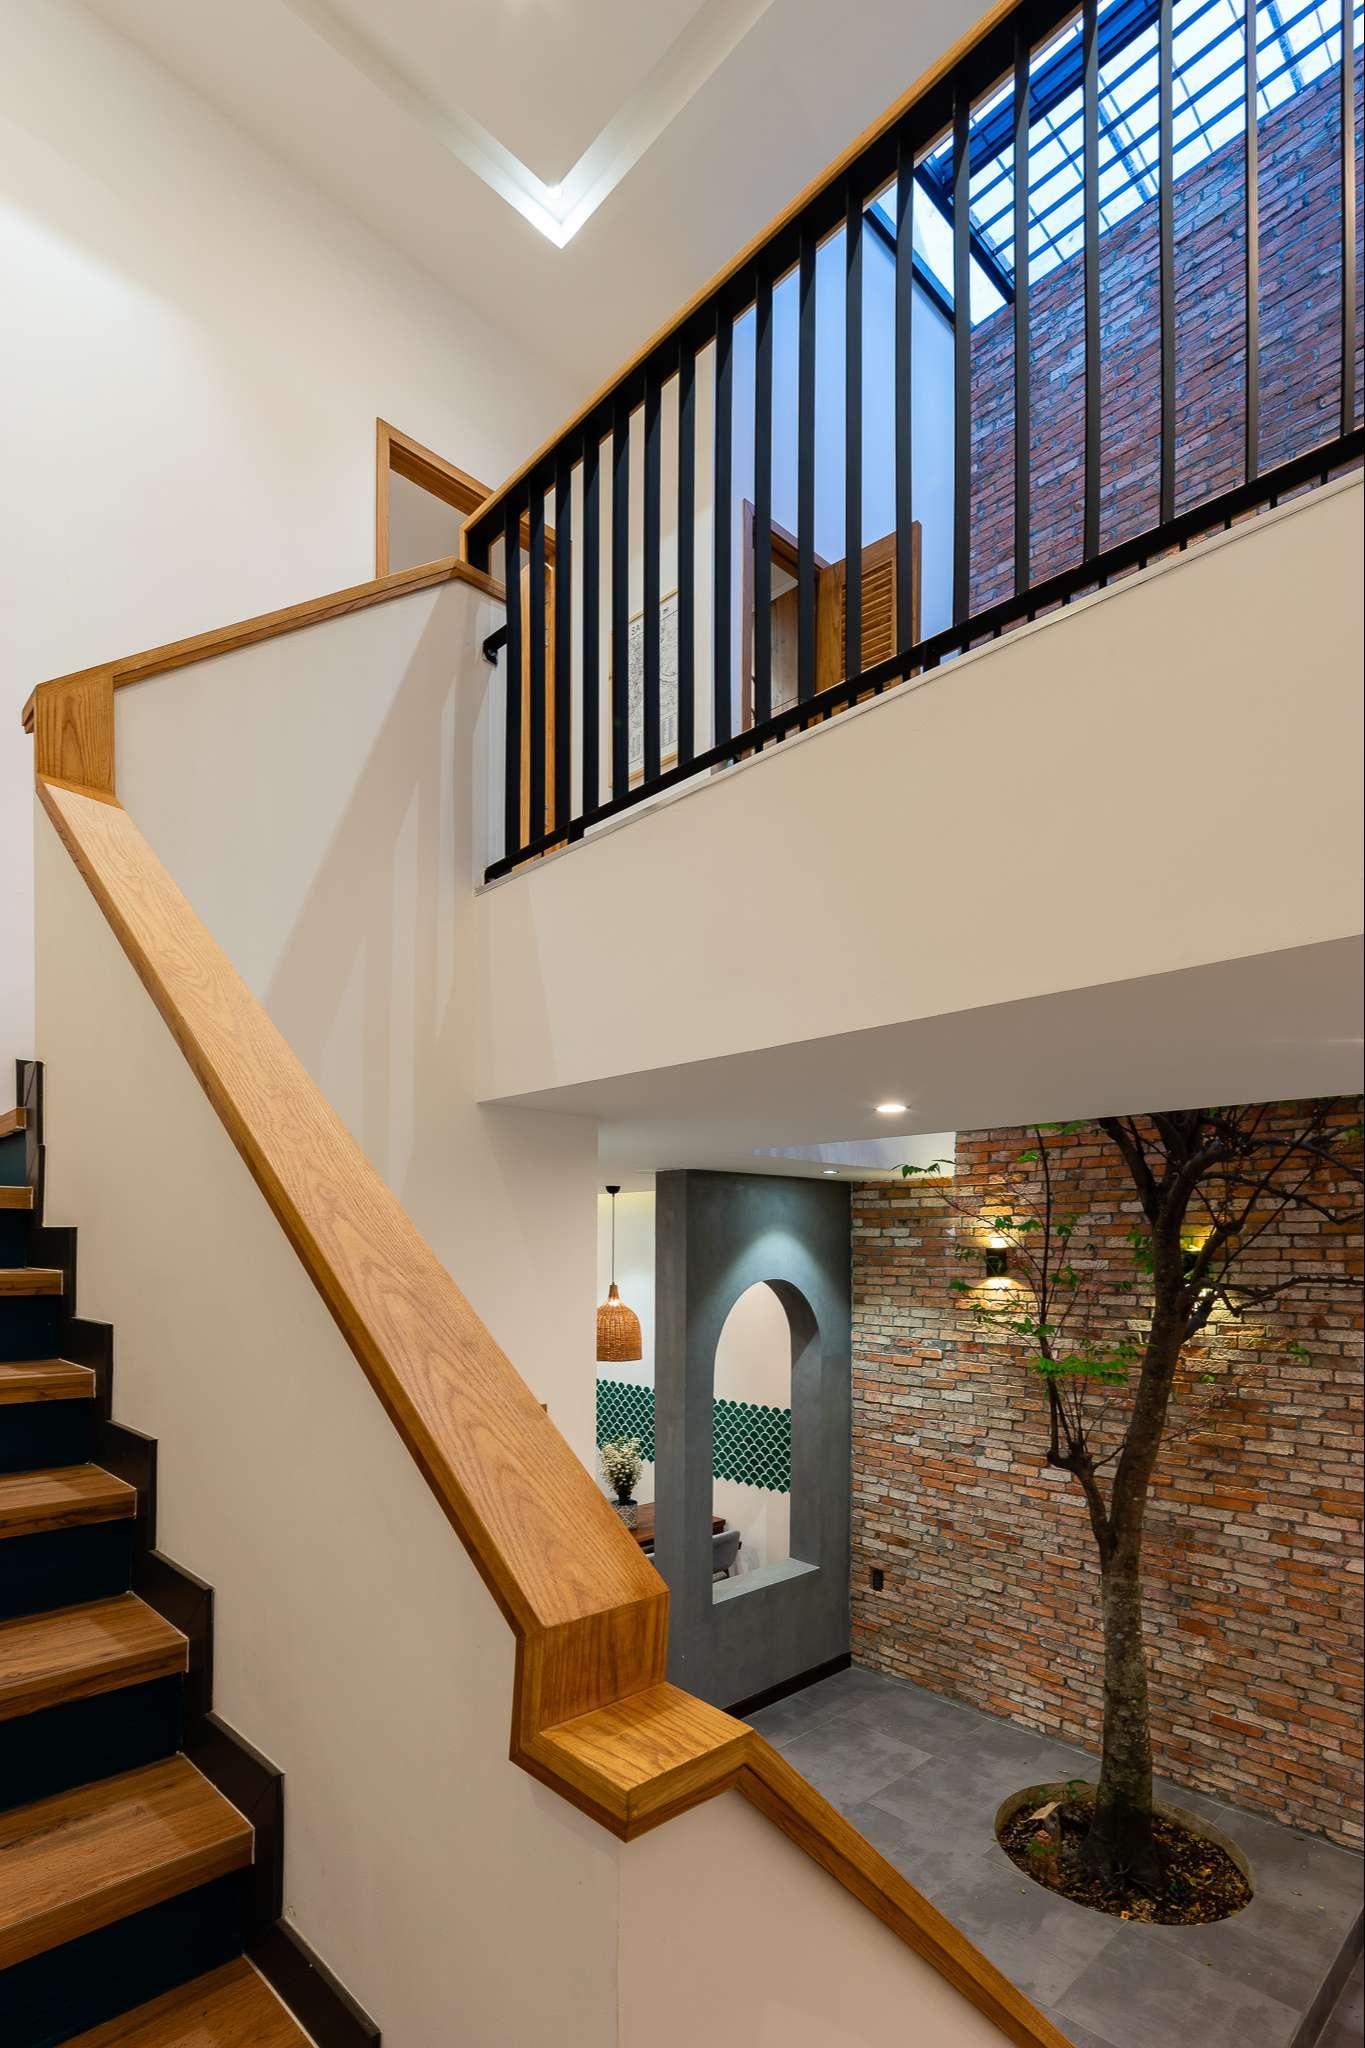 Gạo house - Nhà của Gạo | Cầu thang, lỗi lên tầng trên